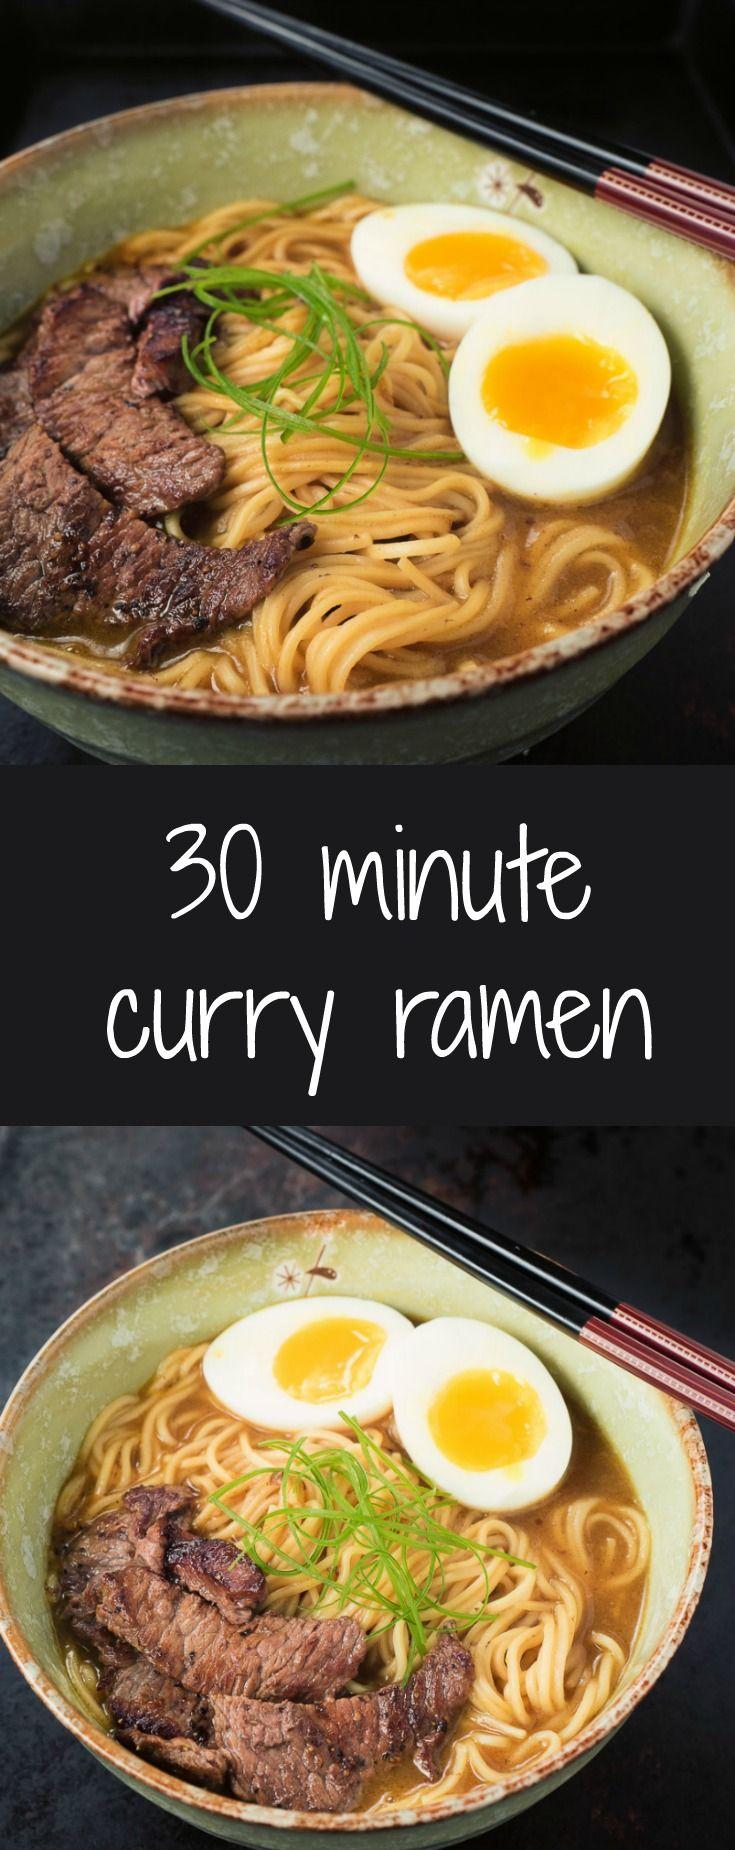 30 Minute Curry Ramen Recipe Curry Ramen Japanese Diet Asian Recipes